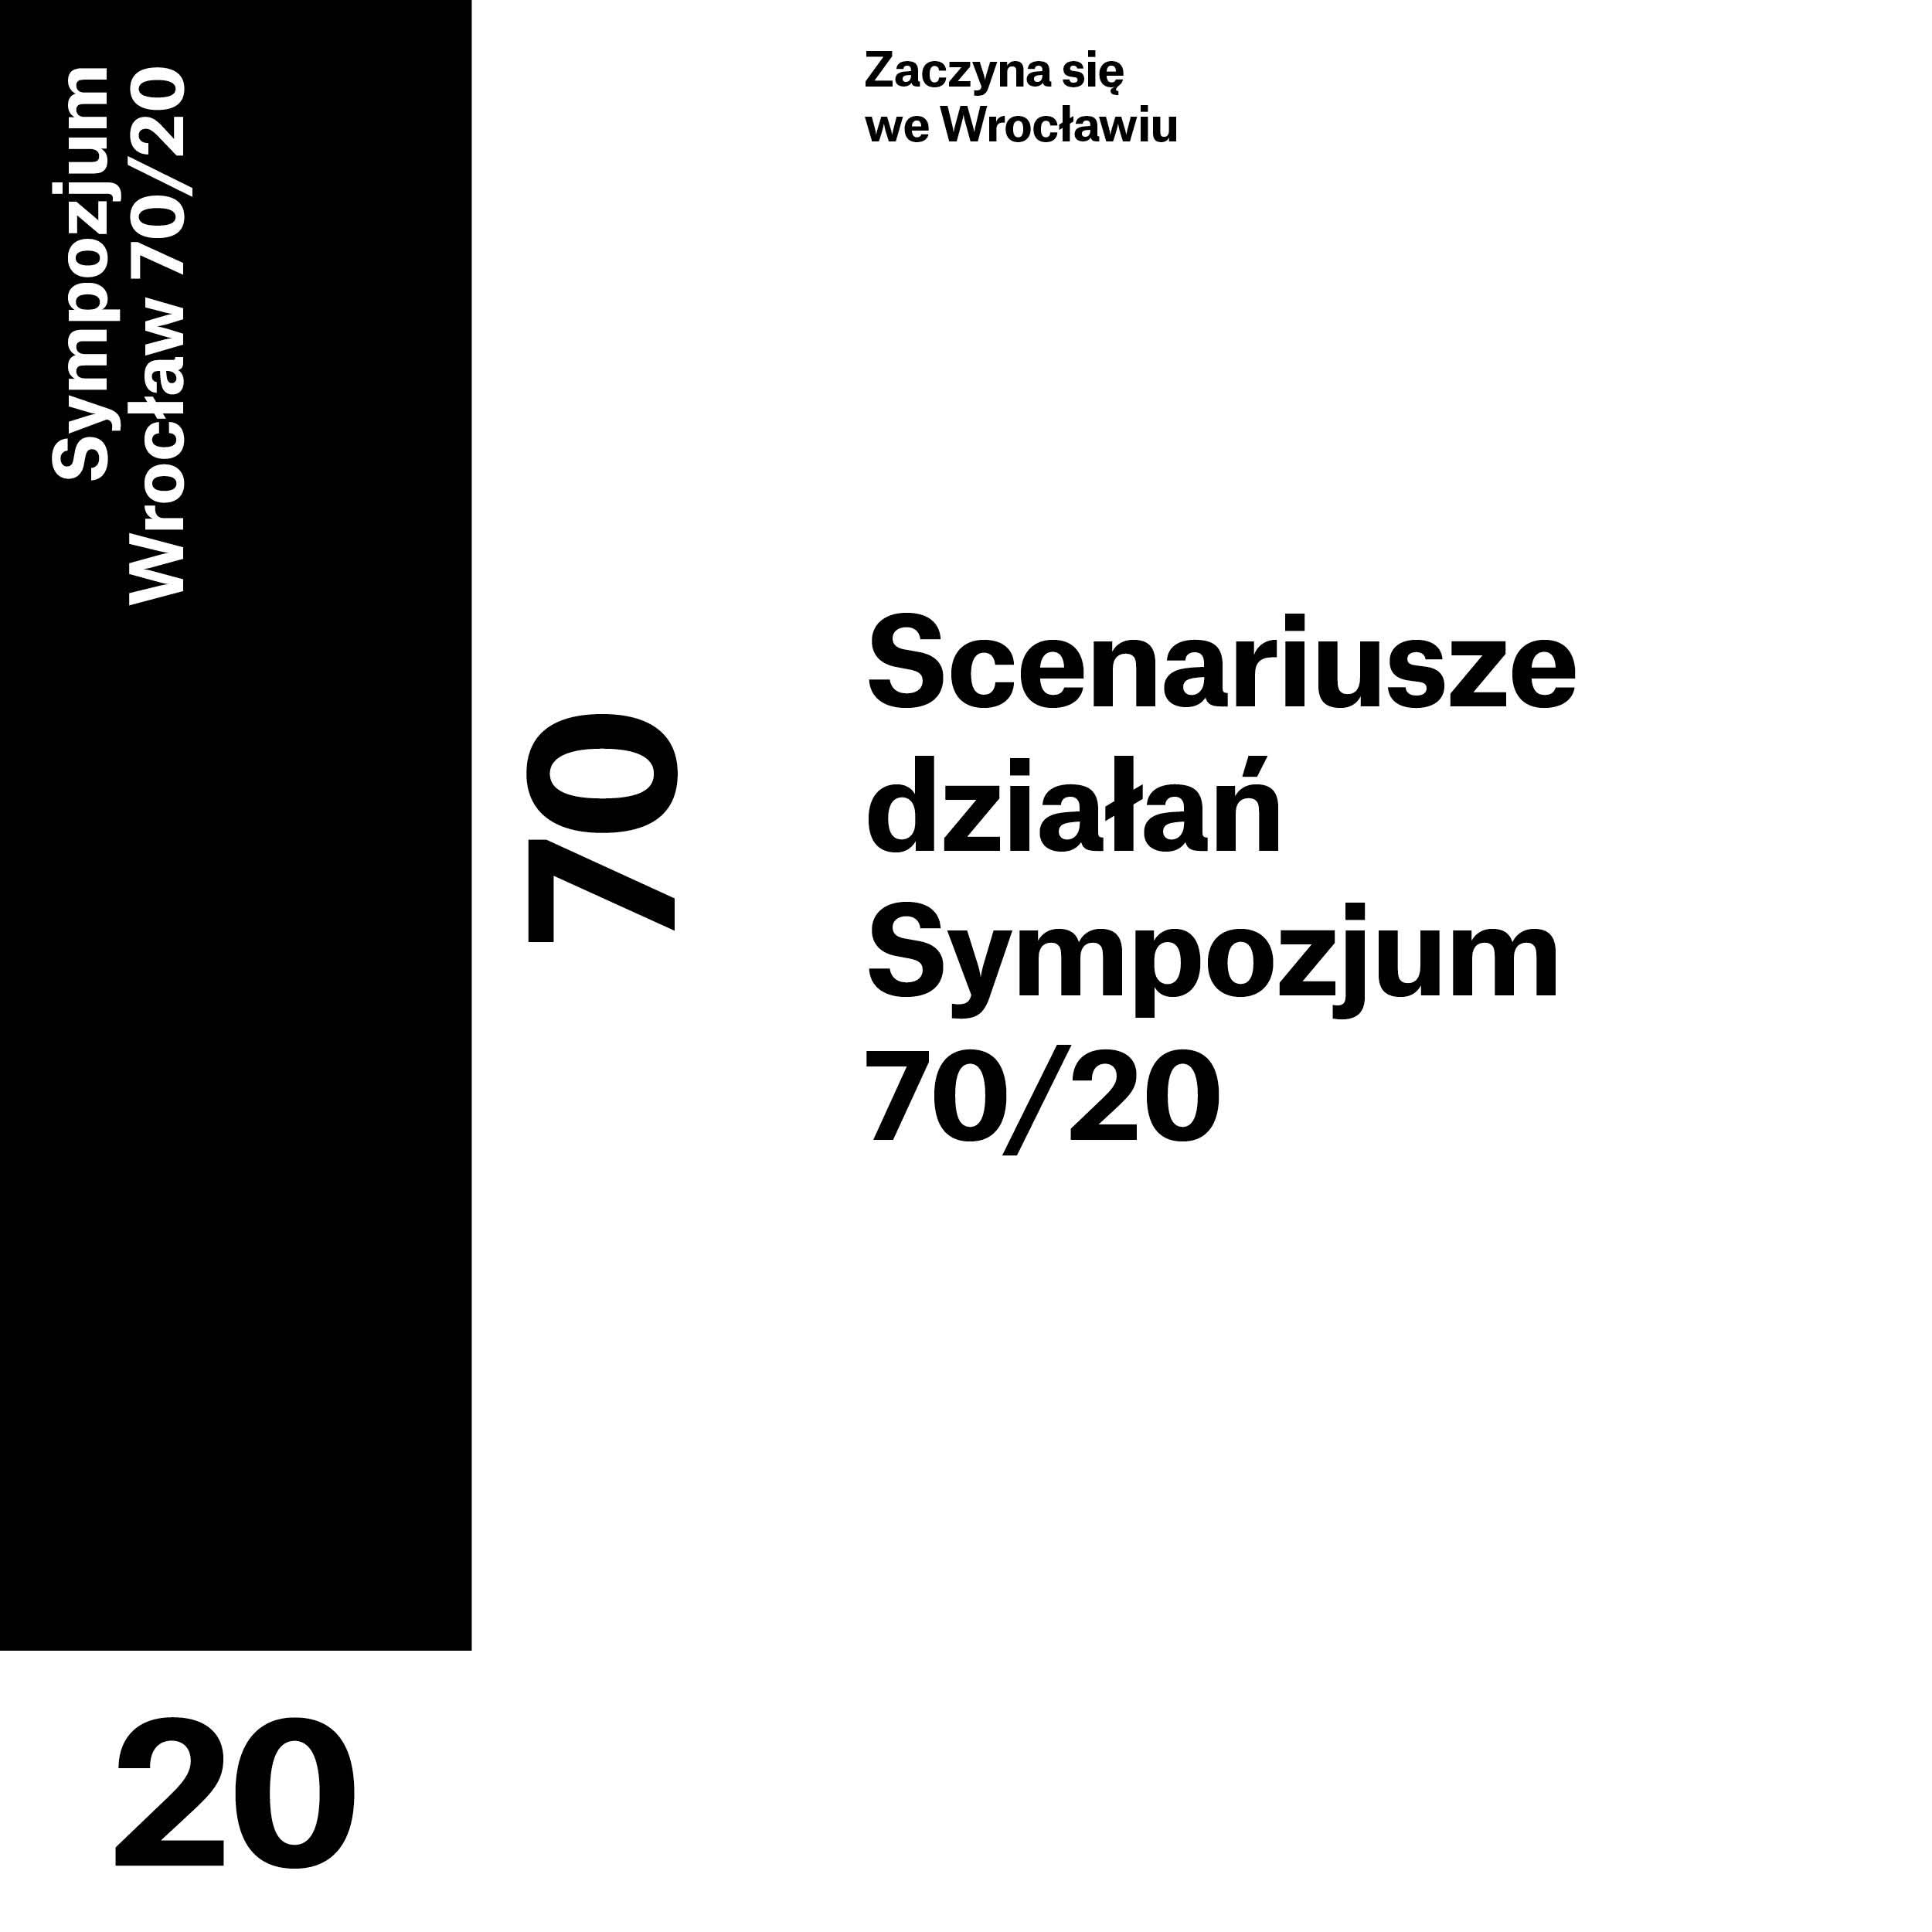 sympozjum 70/20